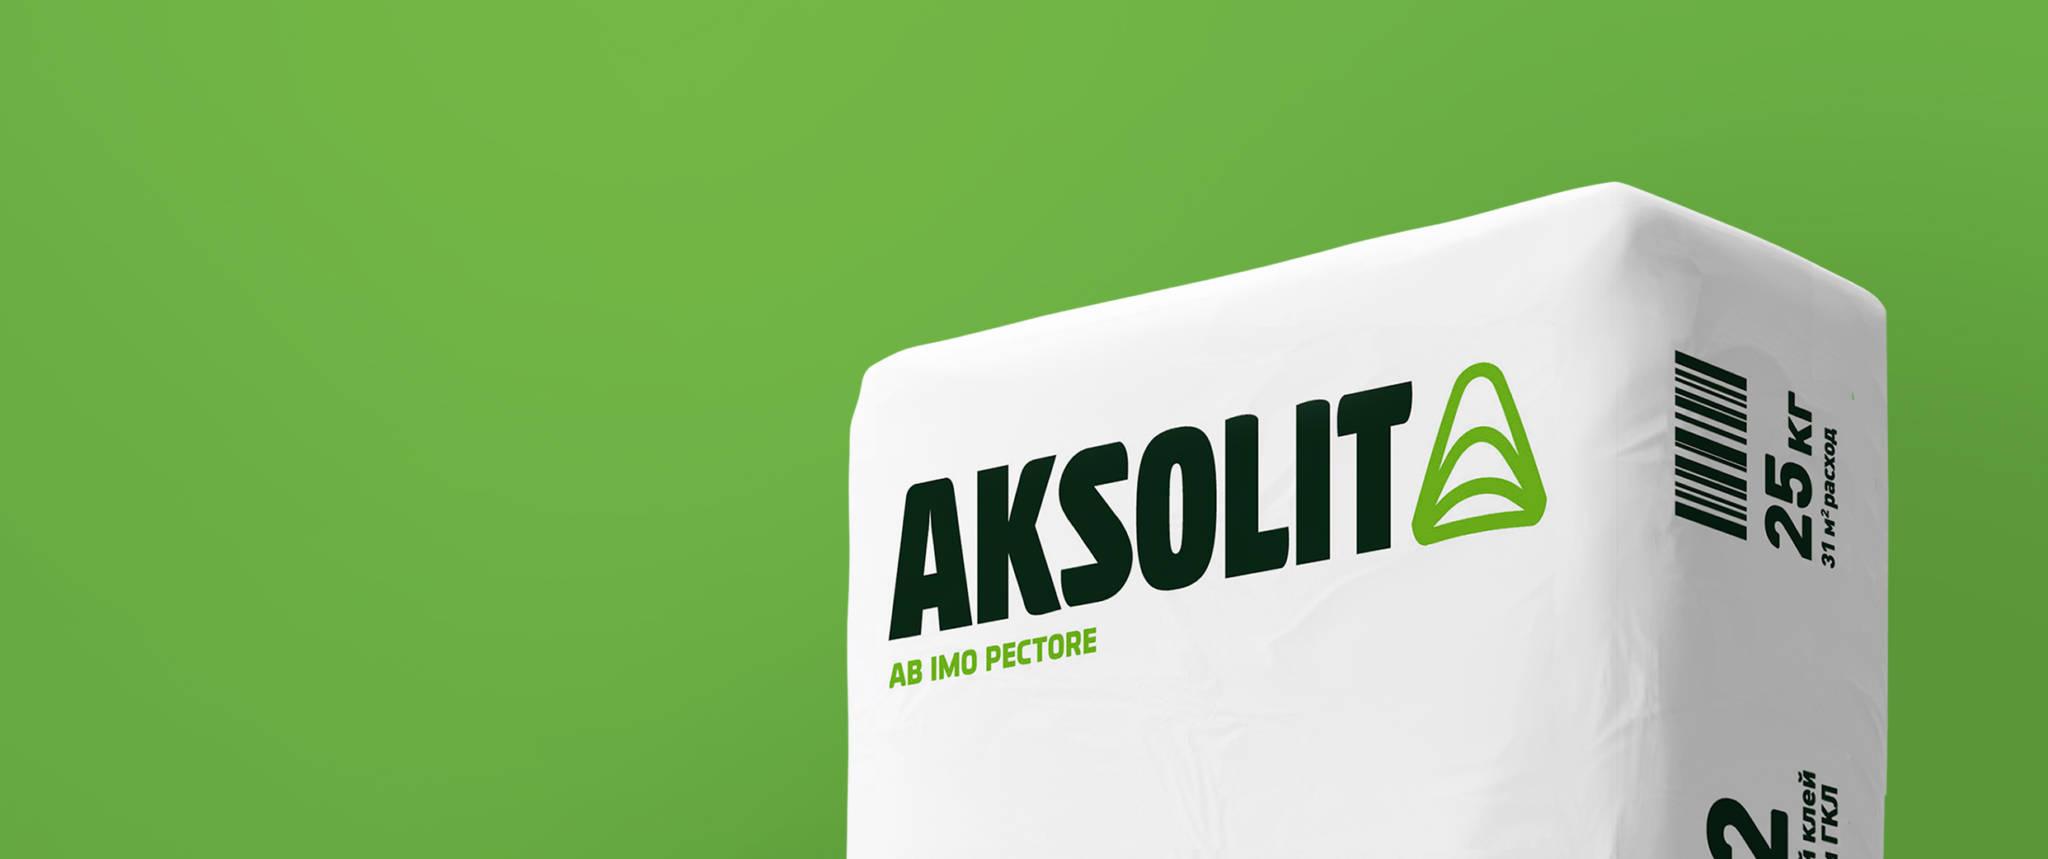 Aksolit